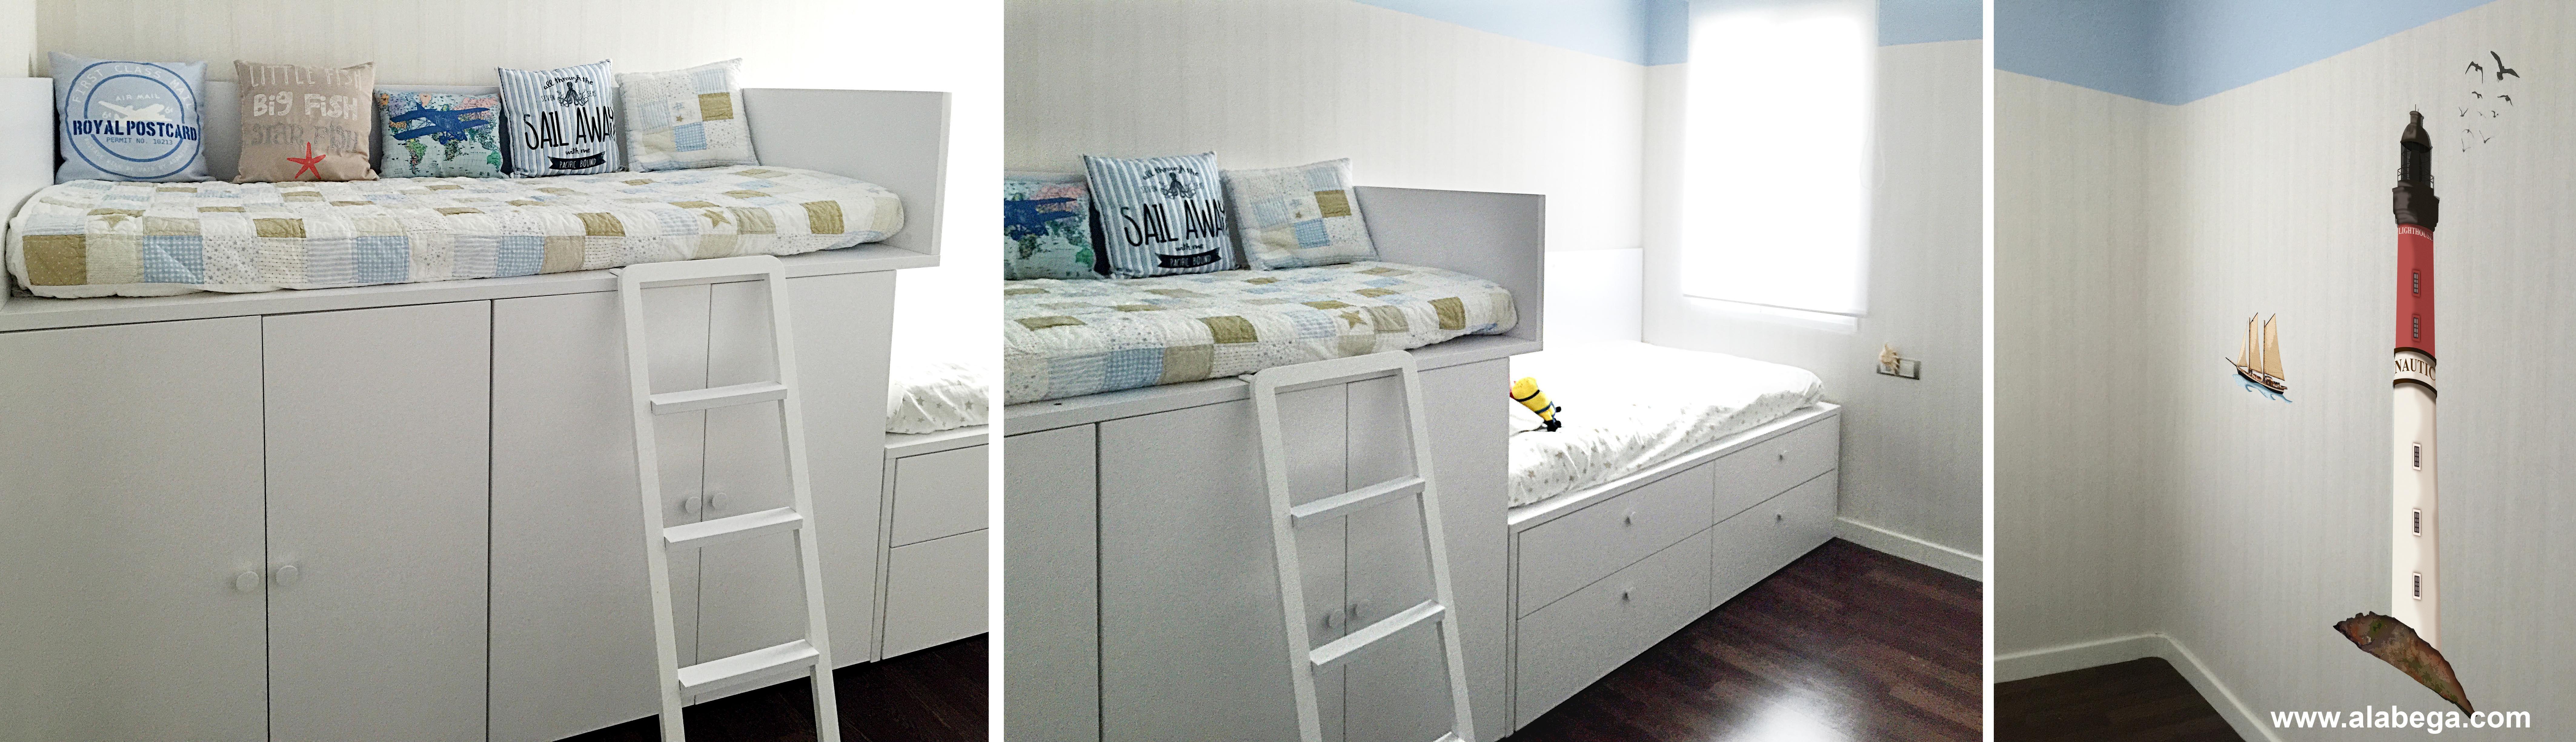 Armario Y Camas Todo En Uno Buen Aprovechamiento Del Espacio  # Muebles Todo En Uno